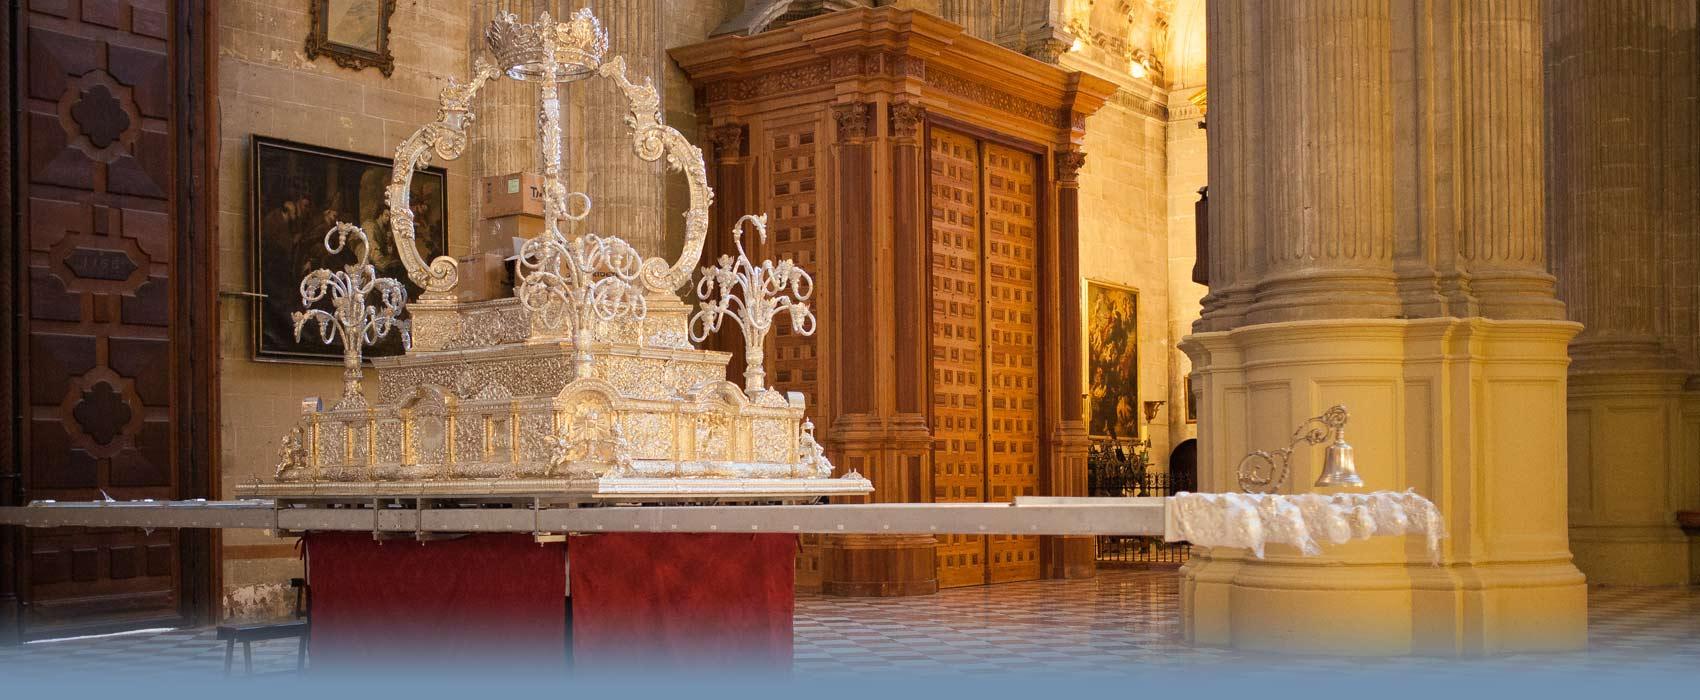 Kirchenaltar für die Prozessionen in der Osterwoche